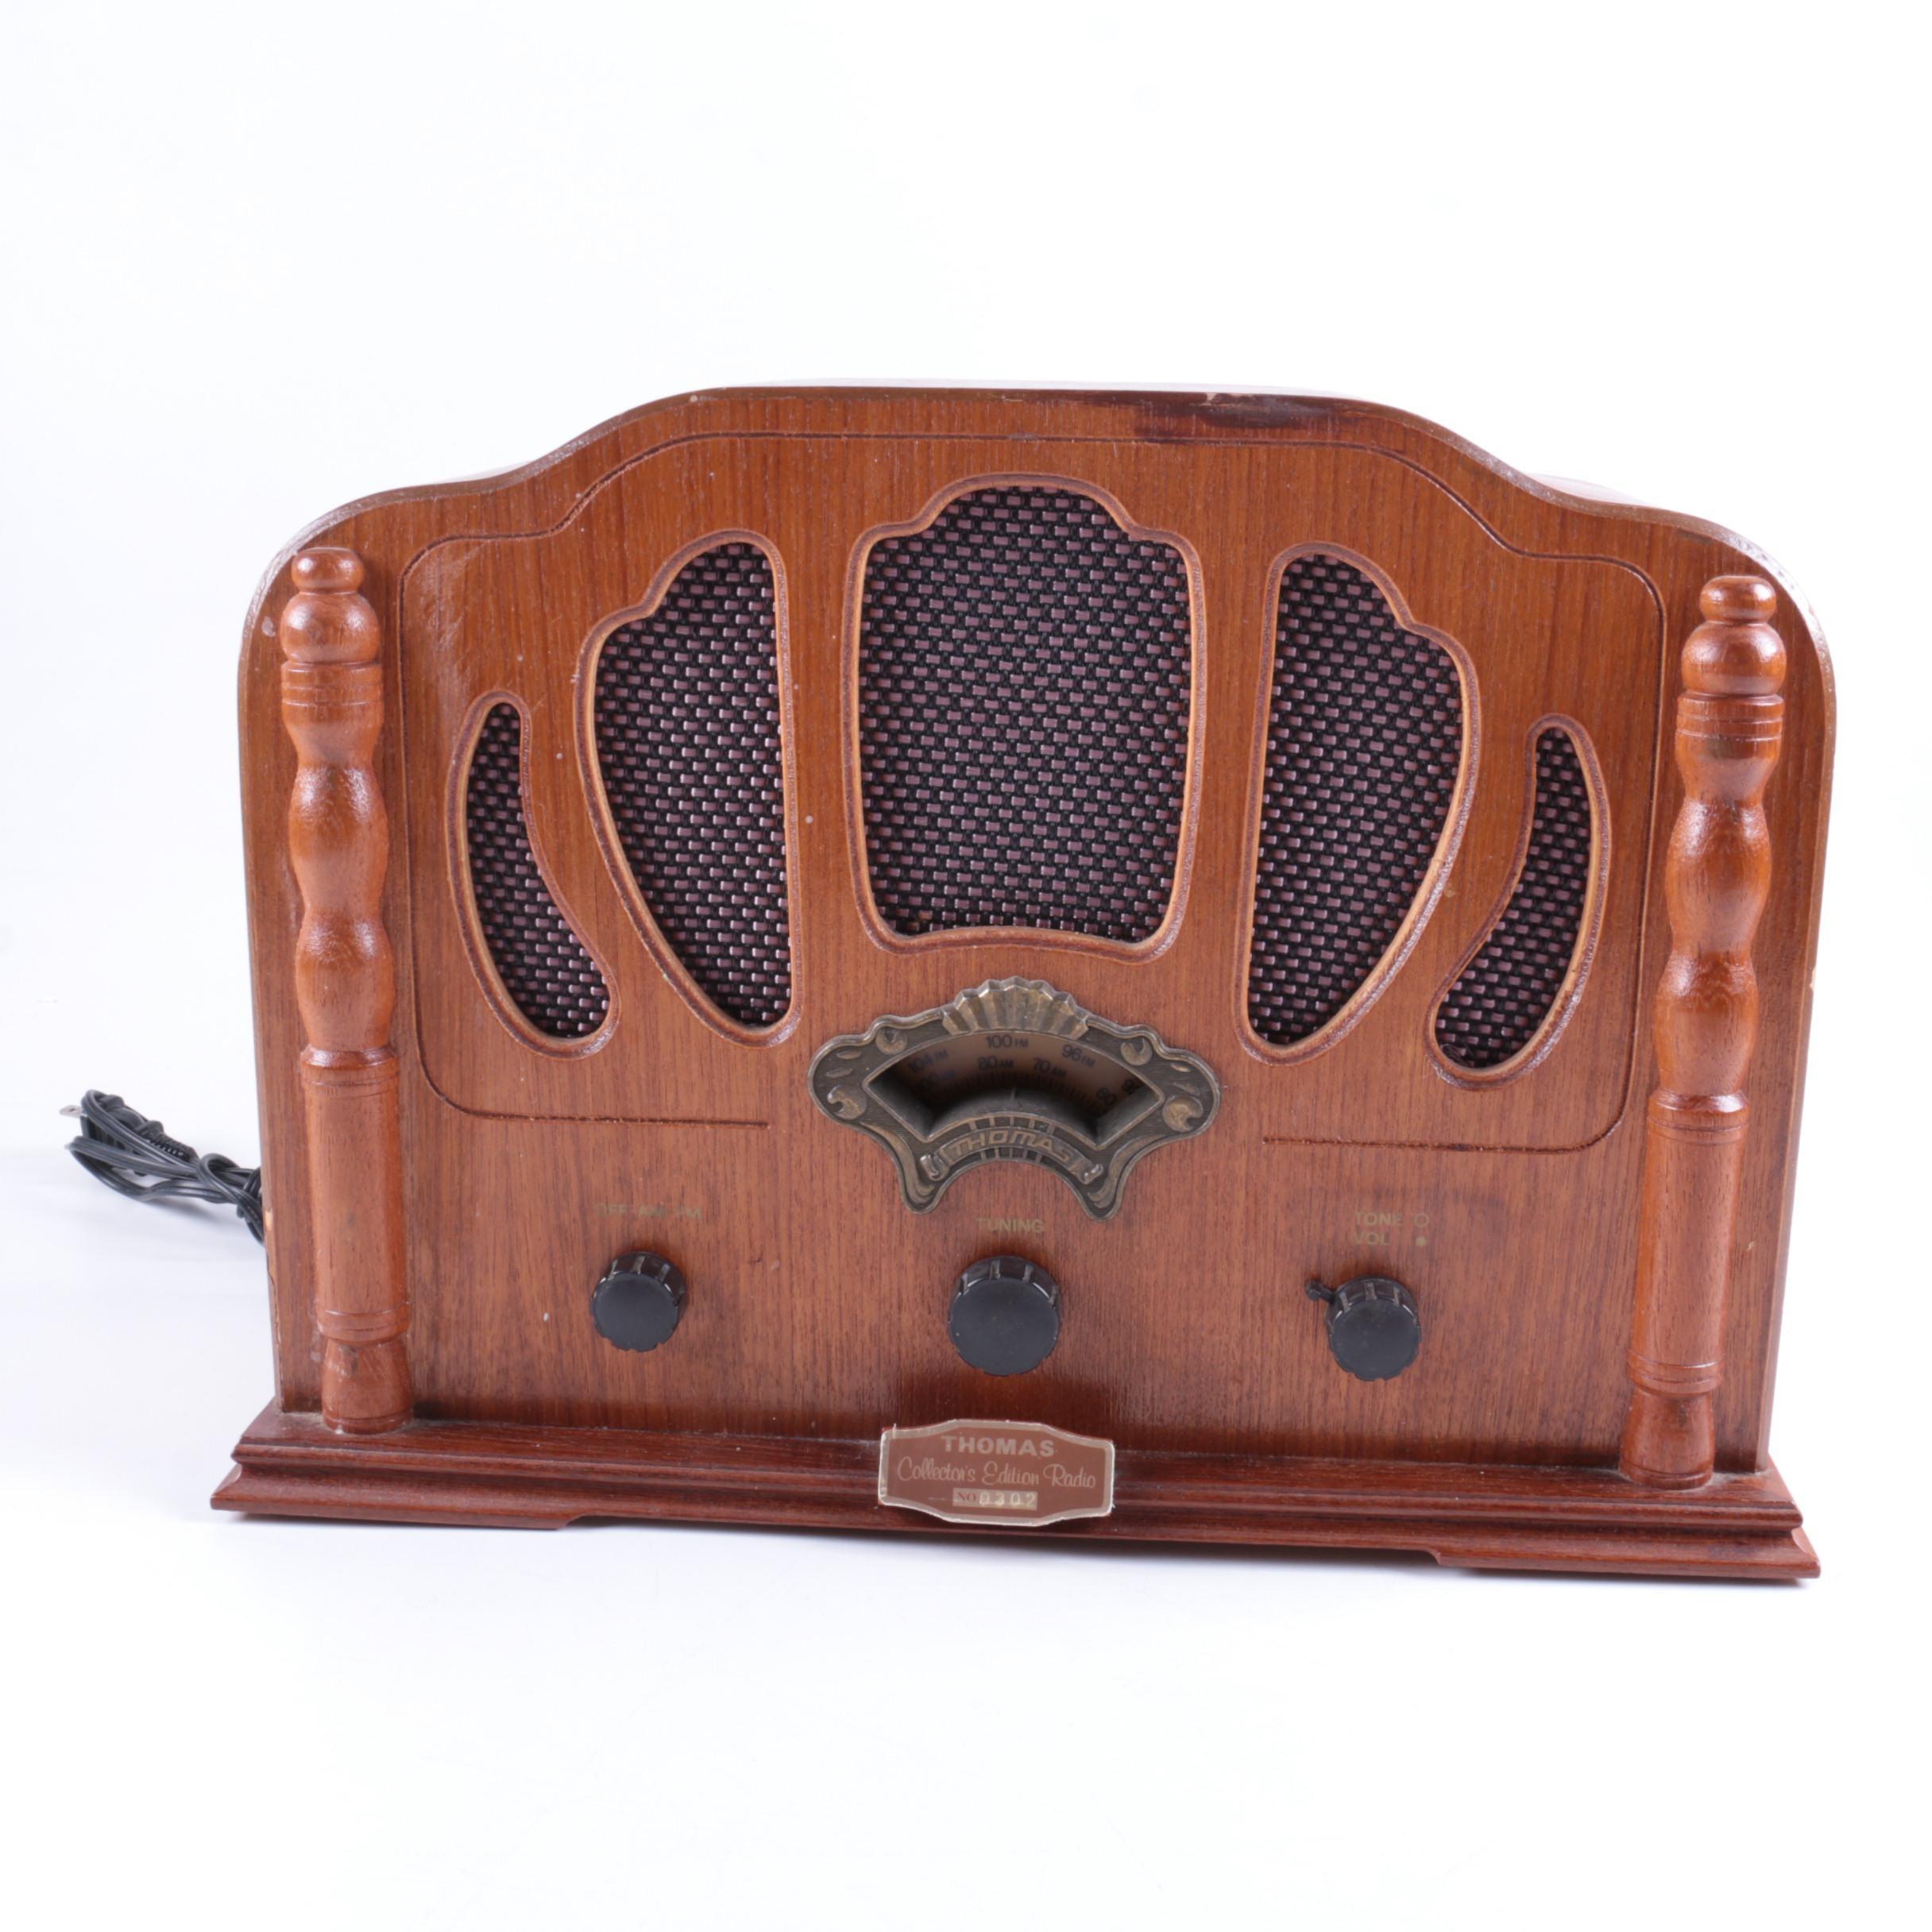 Vintage Thomas Collector's Edition Radio